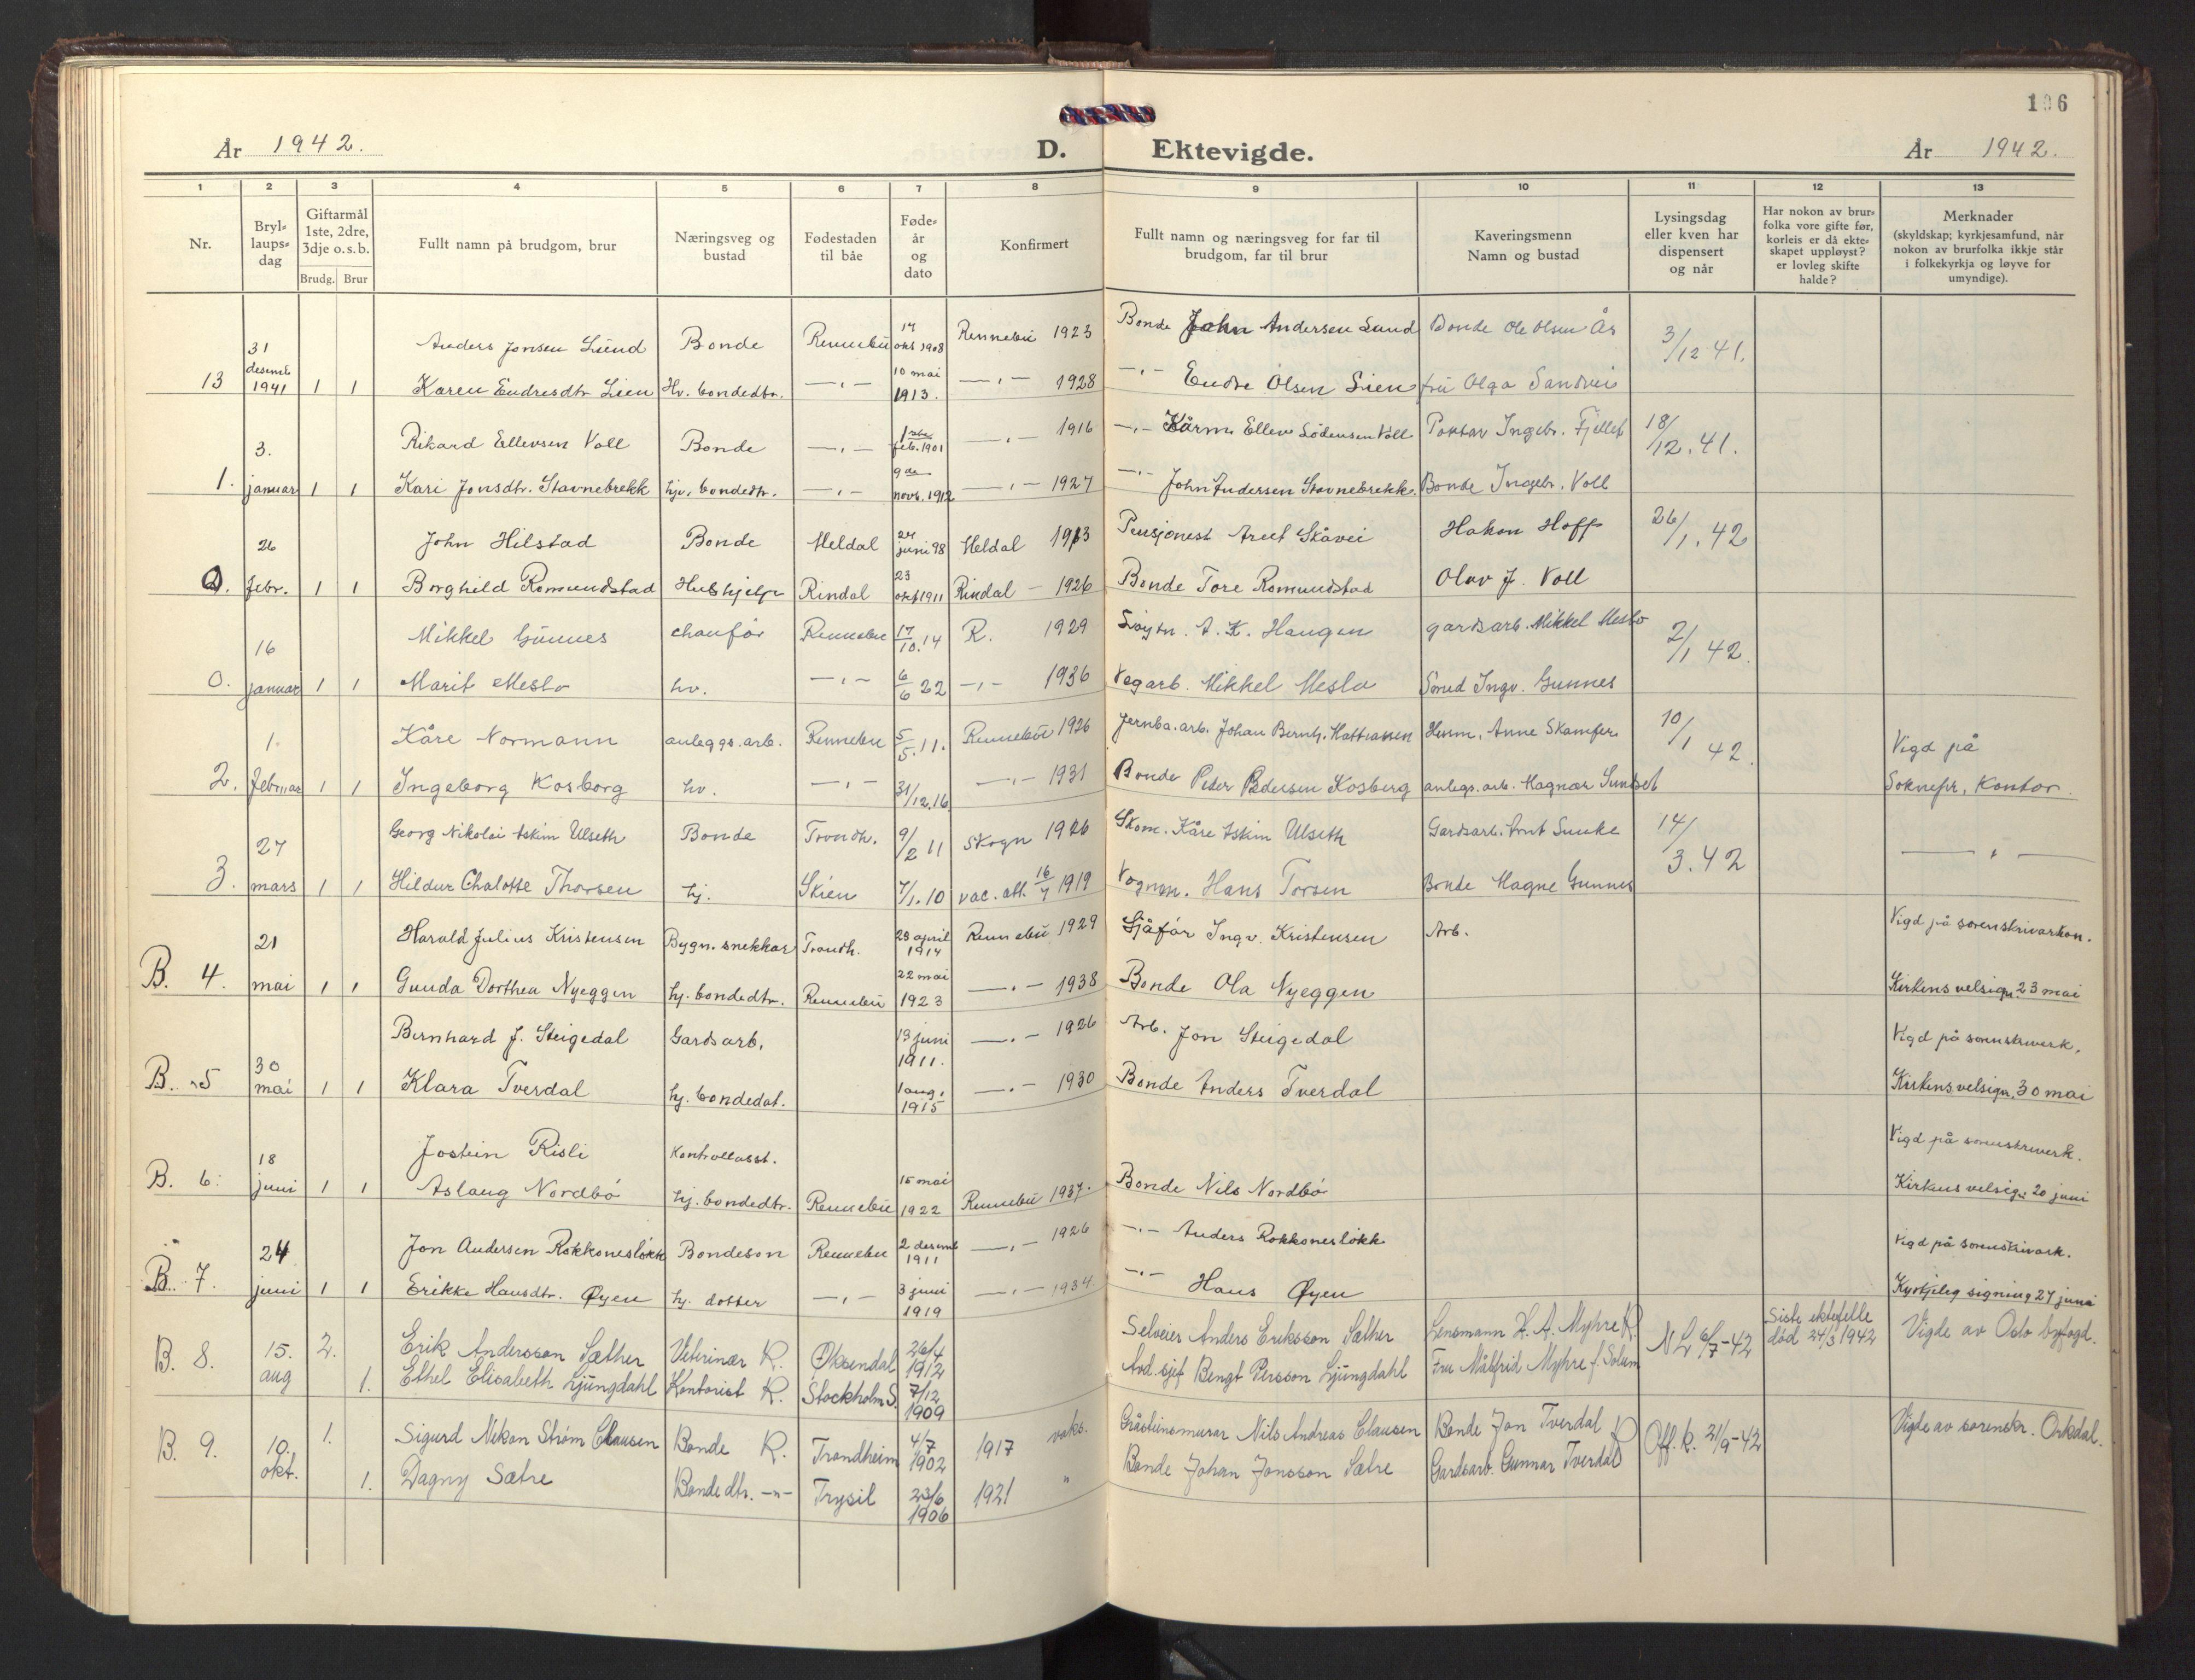 SAT, Ministerialprotokoller, klokkerbøker og fødselsregistre - Sør-Trøndelag, 674/L0878: Klokkerbok nr. 674C05, 1941-1950, s. 106